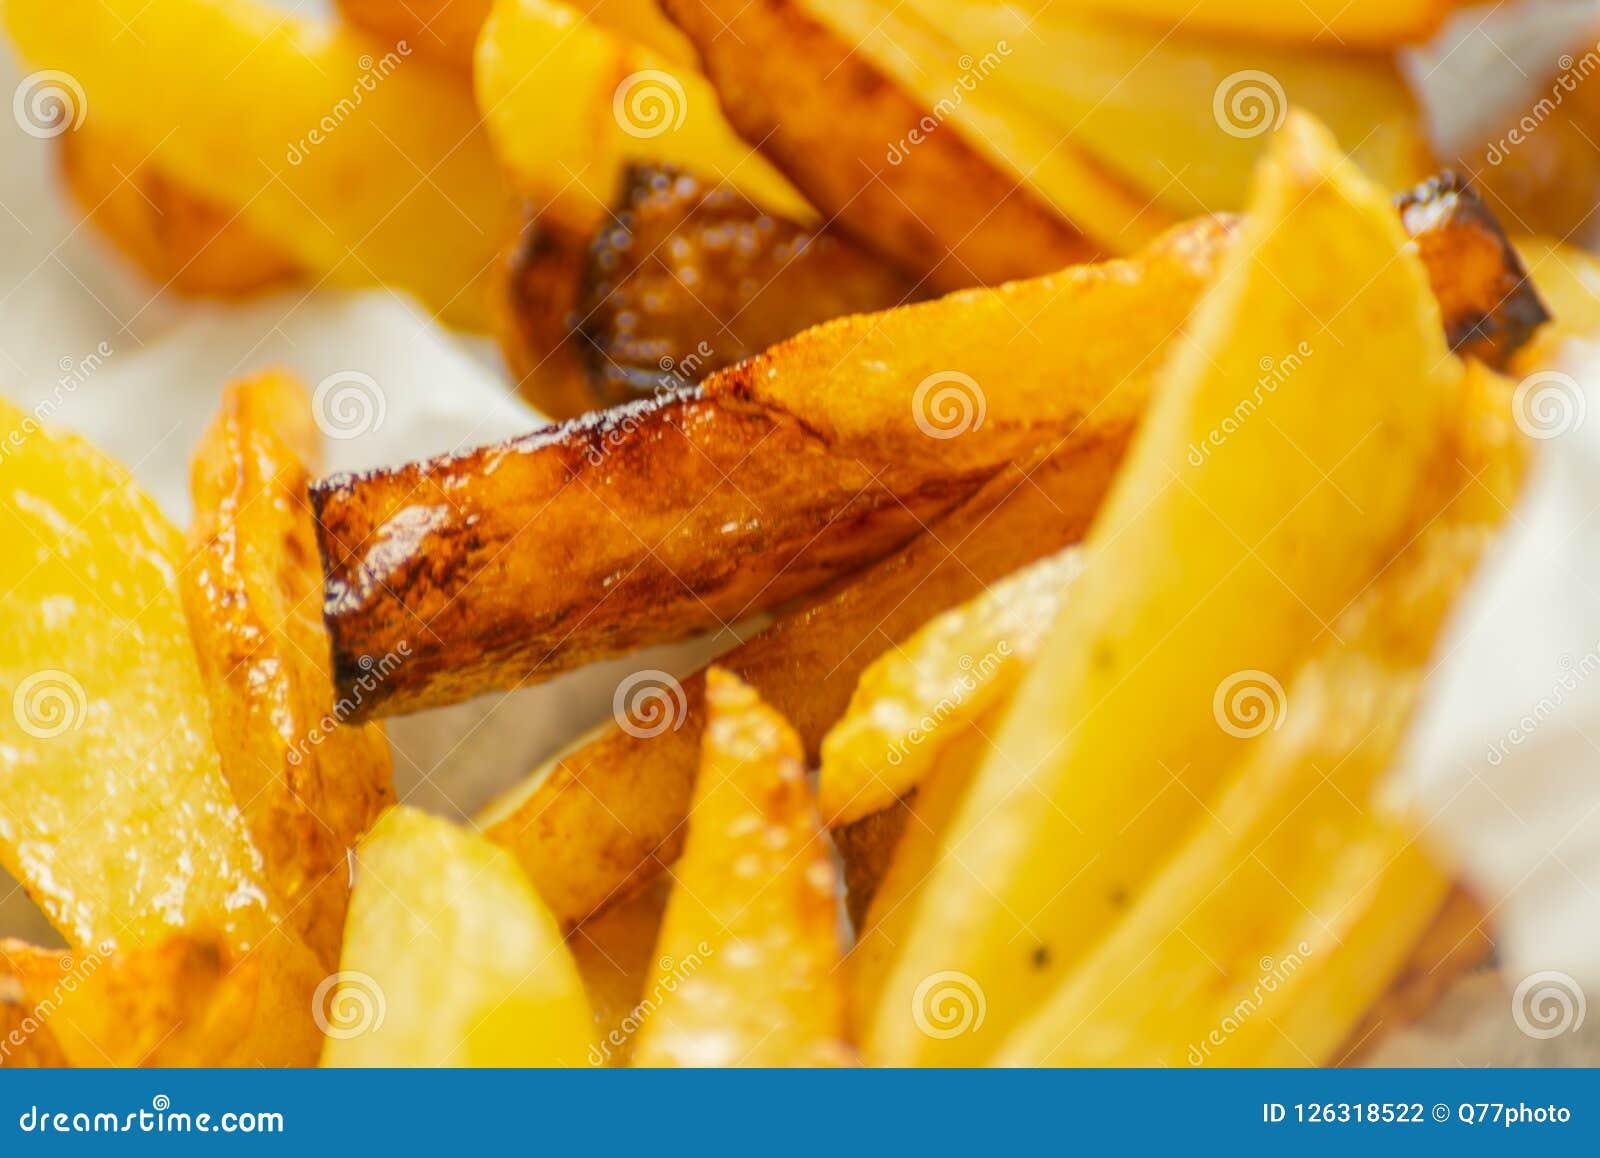 O close up de fritadas douradas preparou-se das batatas frescas, gordurosas mas